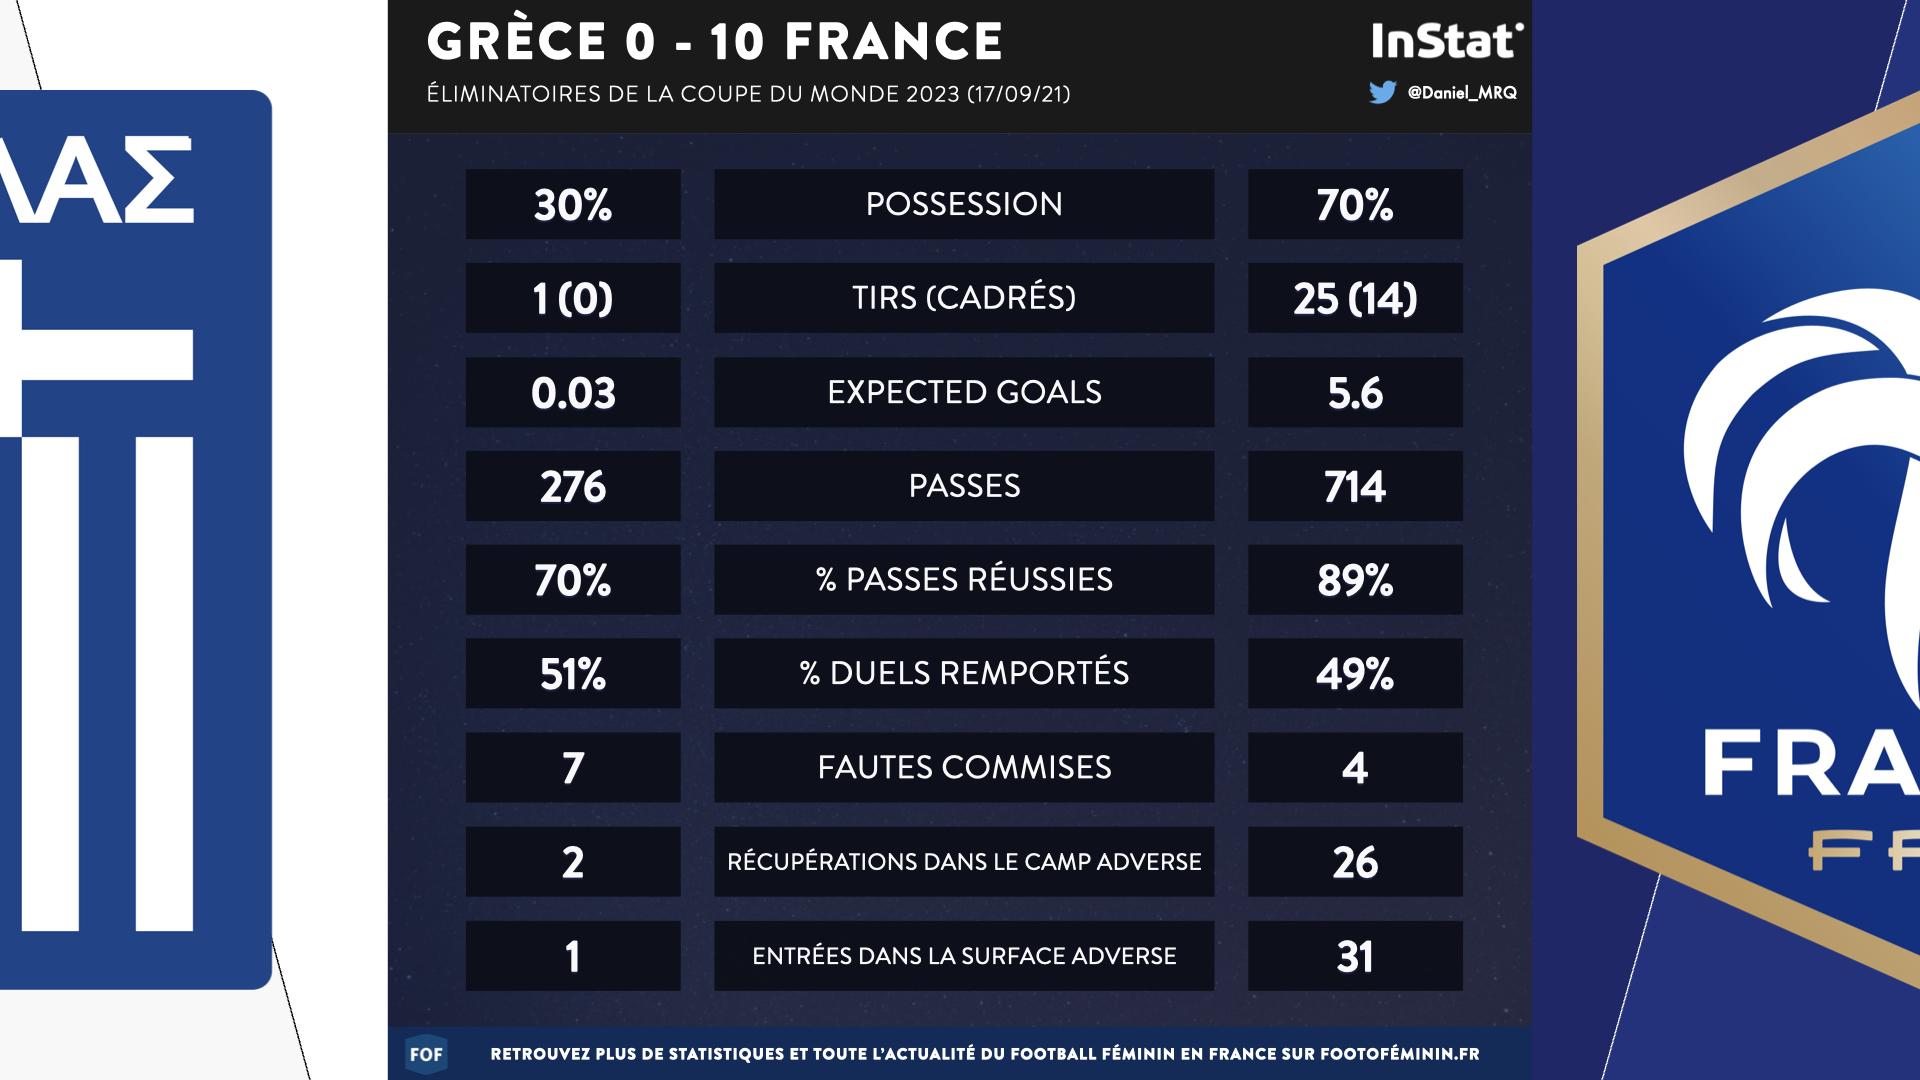 Bleues – Trois statistiques à retenir de GRECE - FRANCE